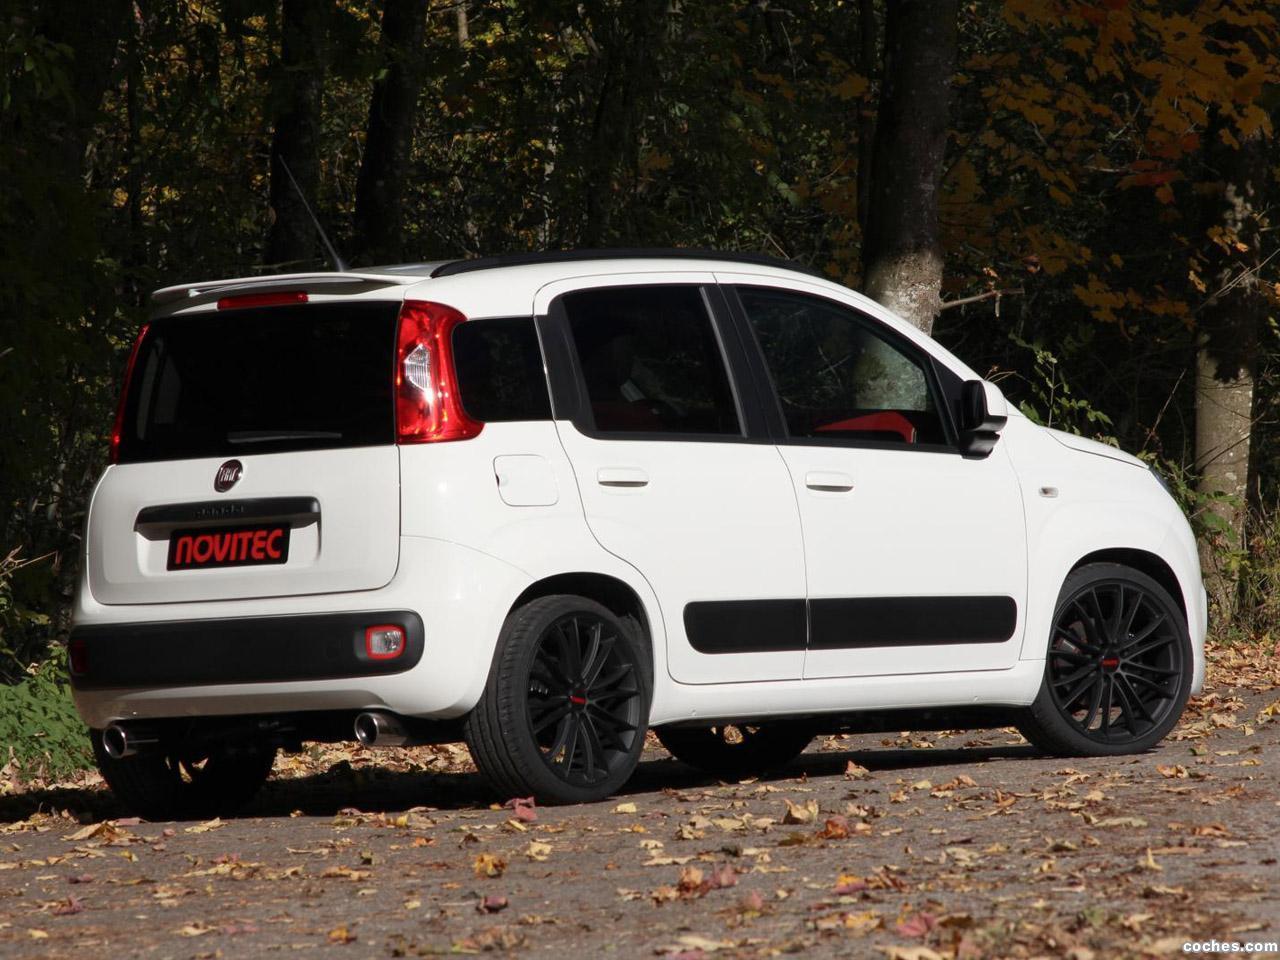 Foto 1 de Novitec Fiat Panda 2012